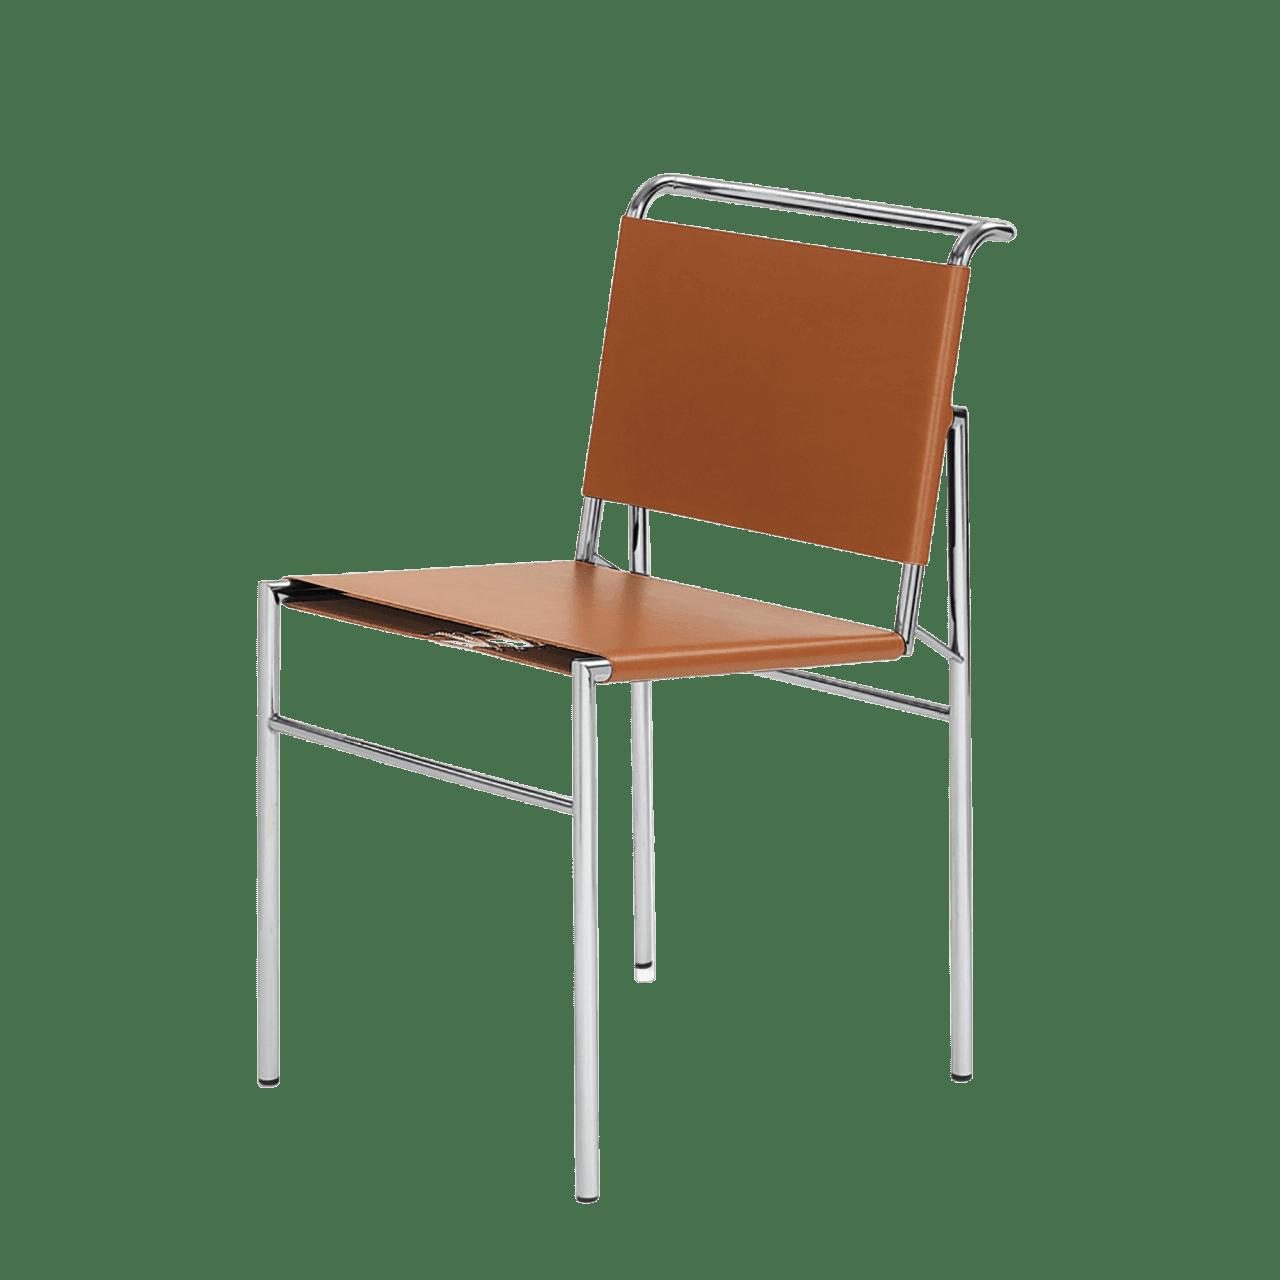 Roquebrune Stuhl